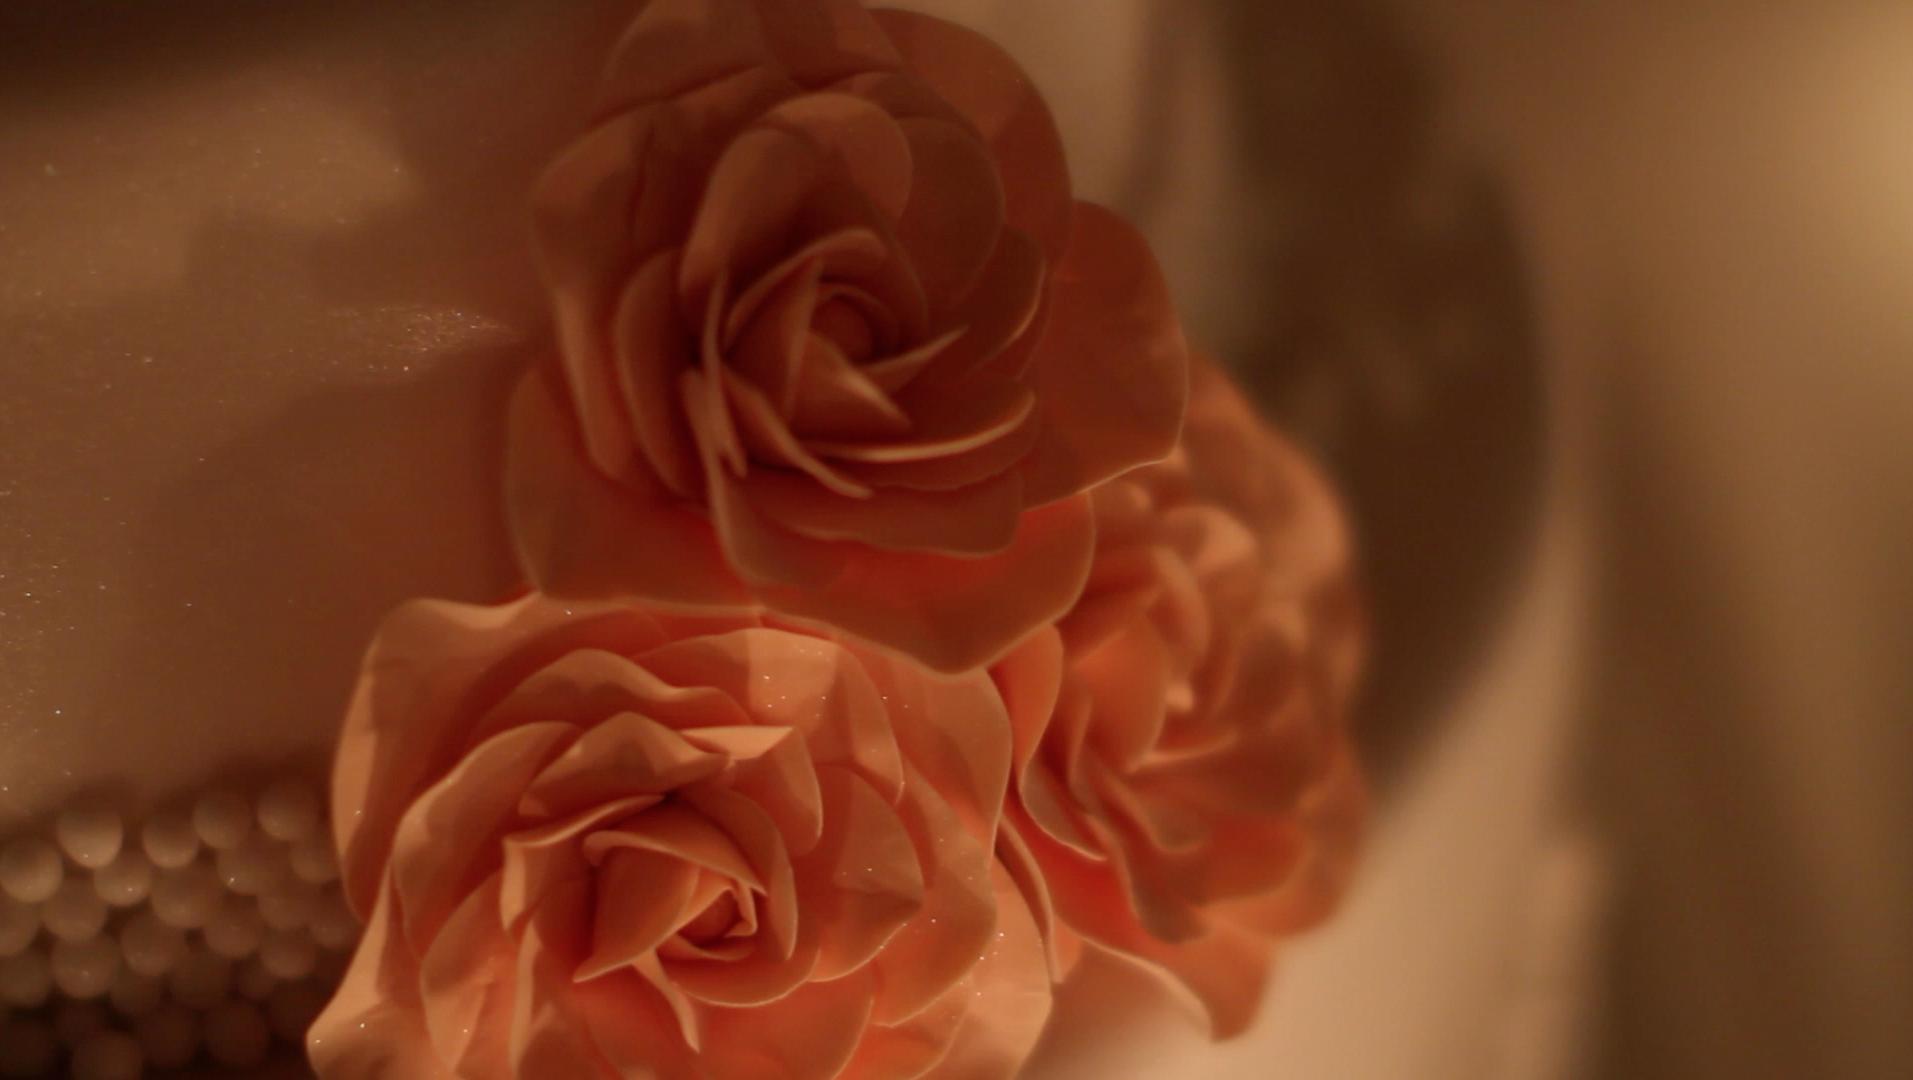 Screen Shot 2013-09-03 at 9.25.44 PM.png